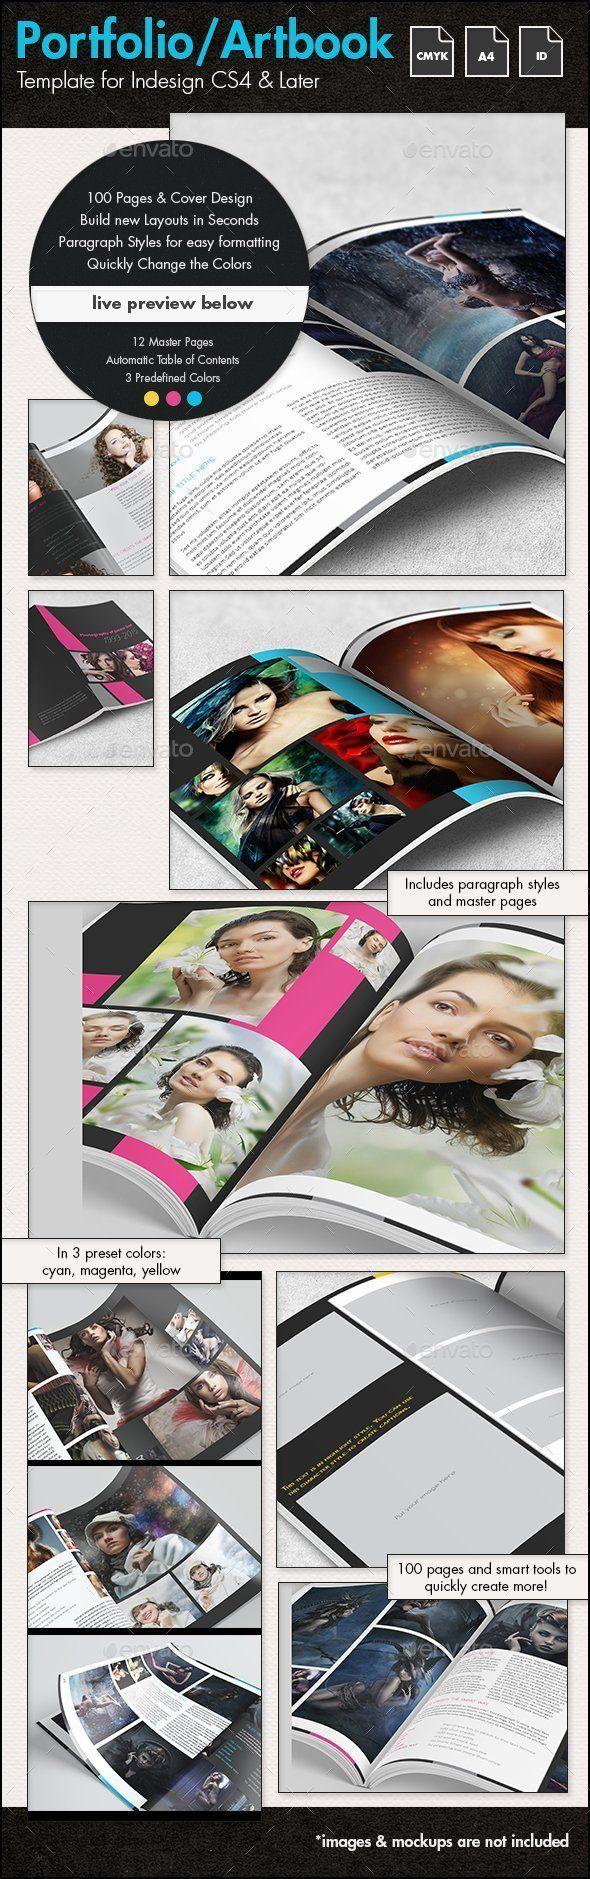 Photofolio & Artbook Template - A4 Portrait